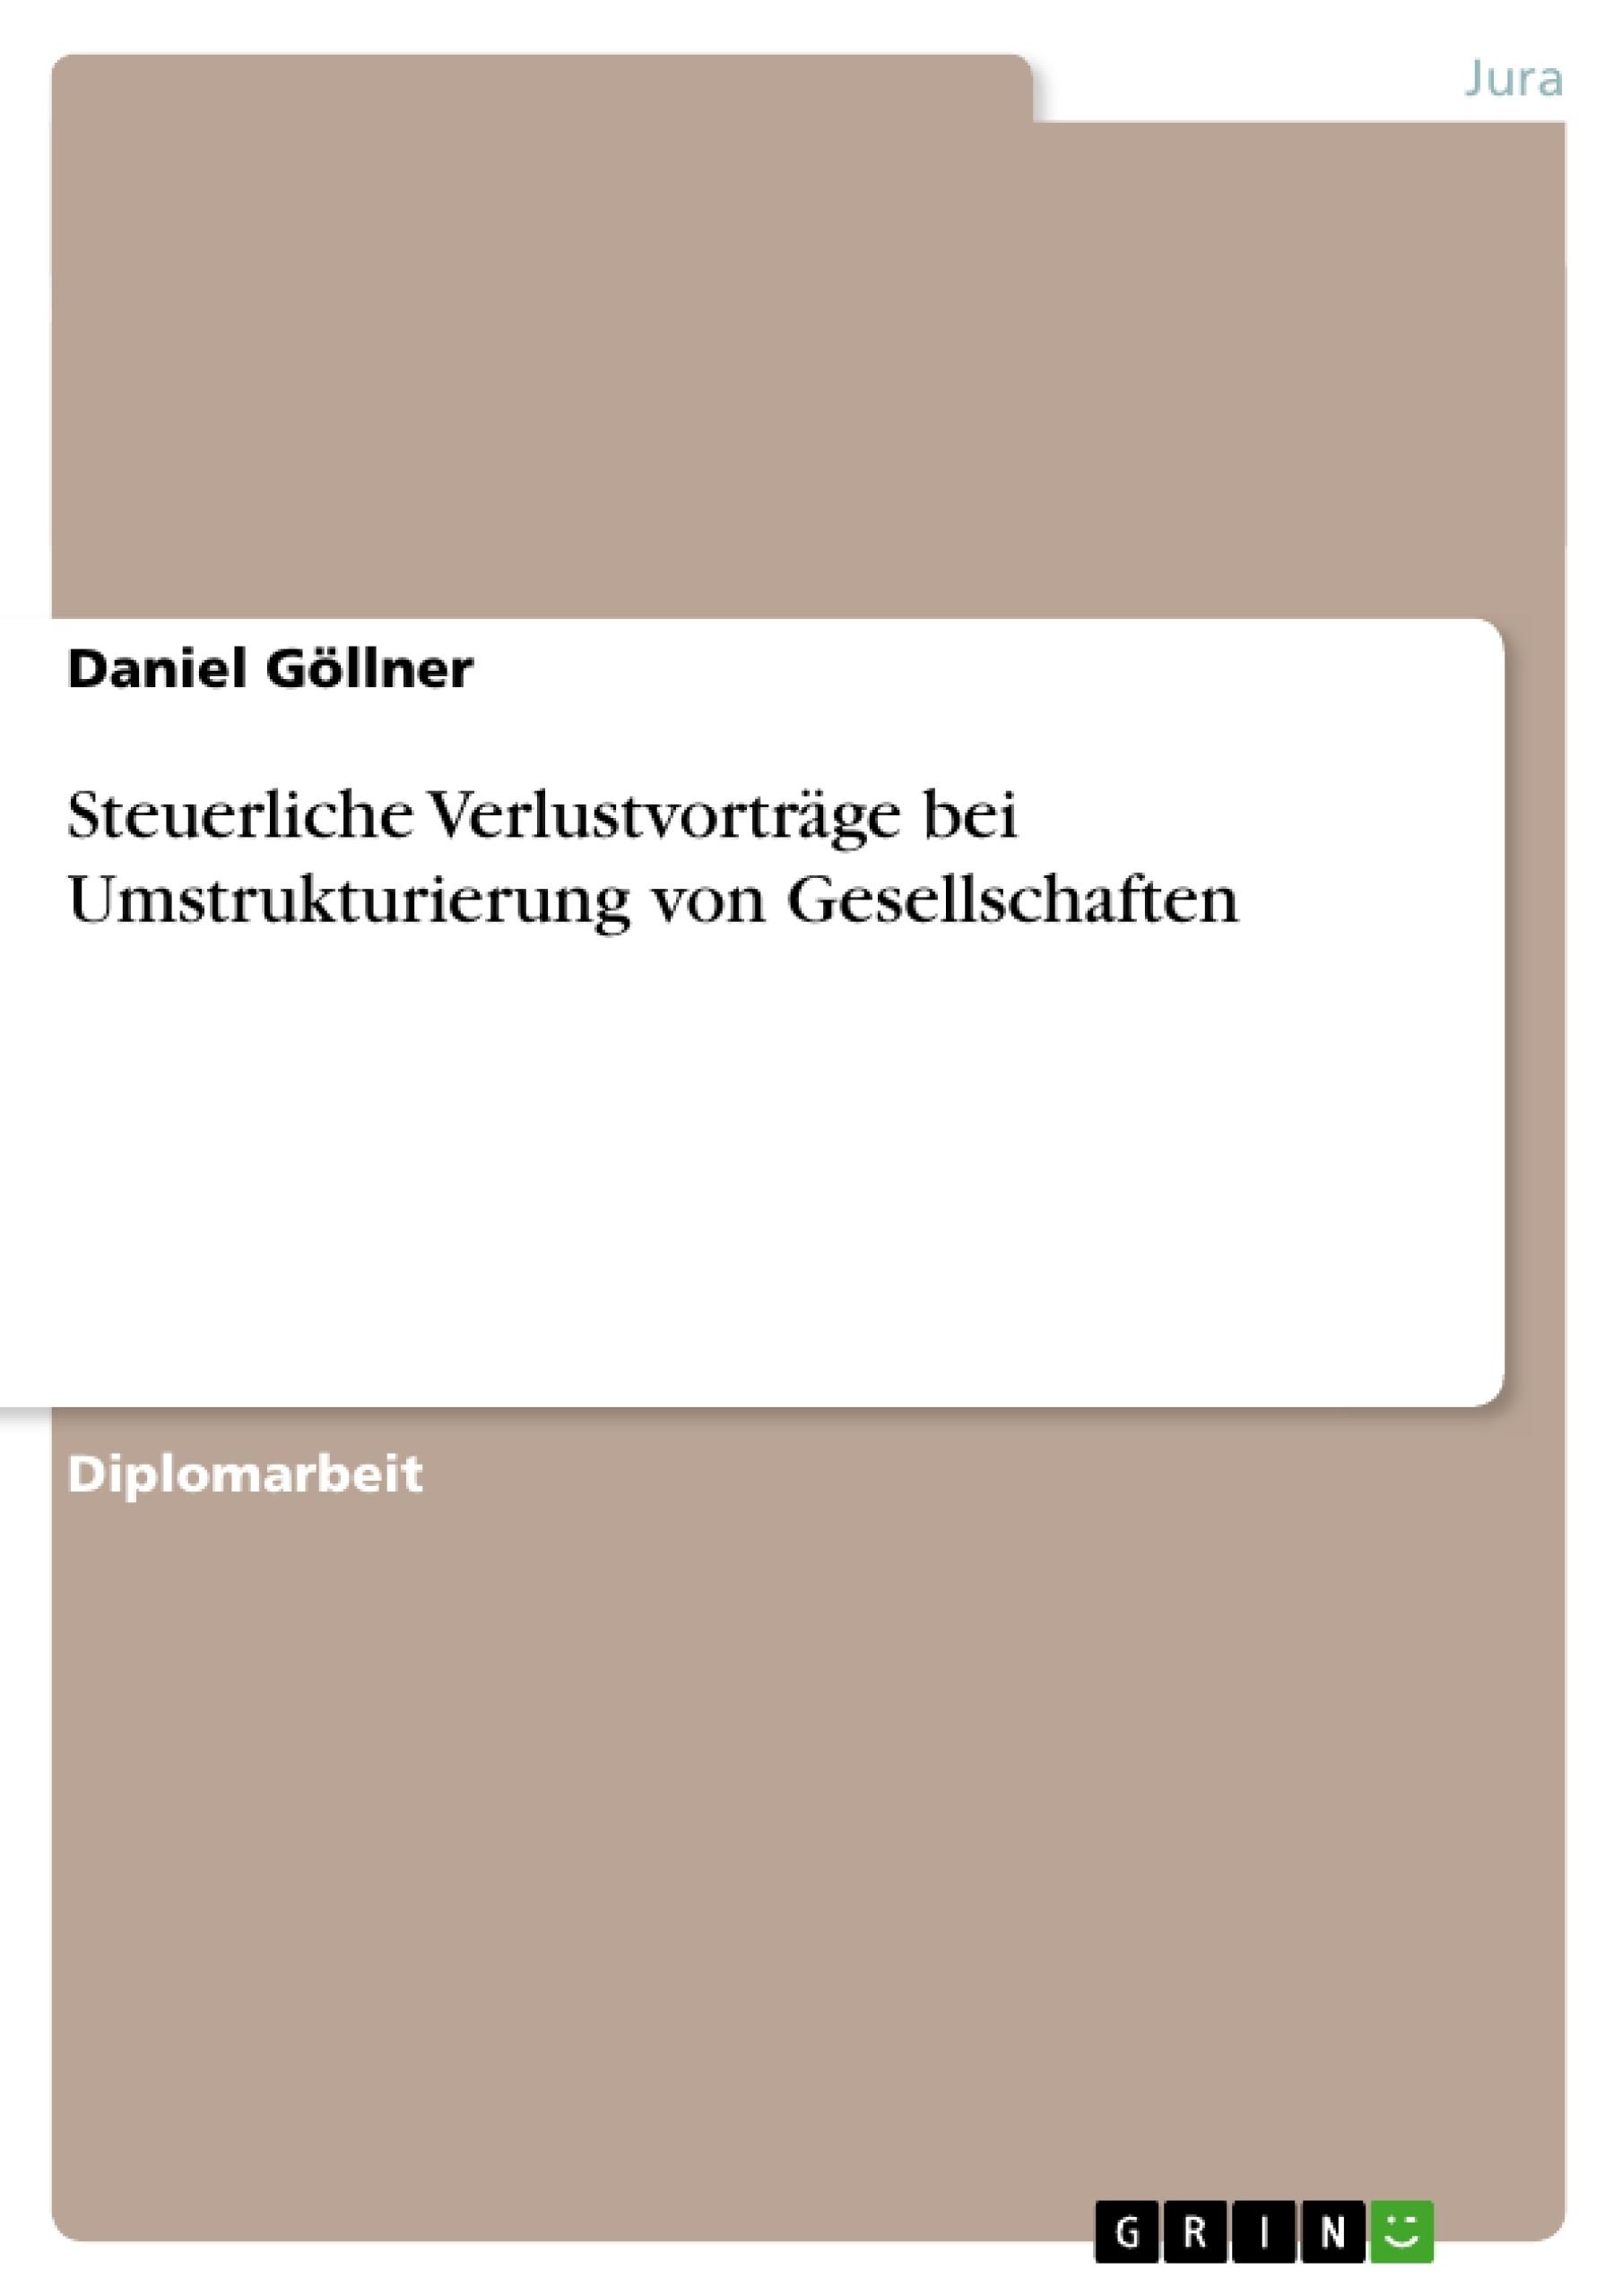 Titel: Steuerliche Verlustvorträge bei Umstrukturierung von Gesellschaften